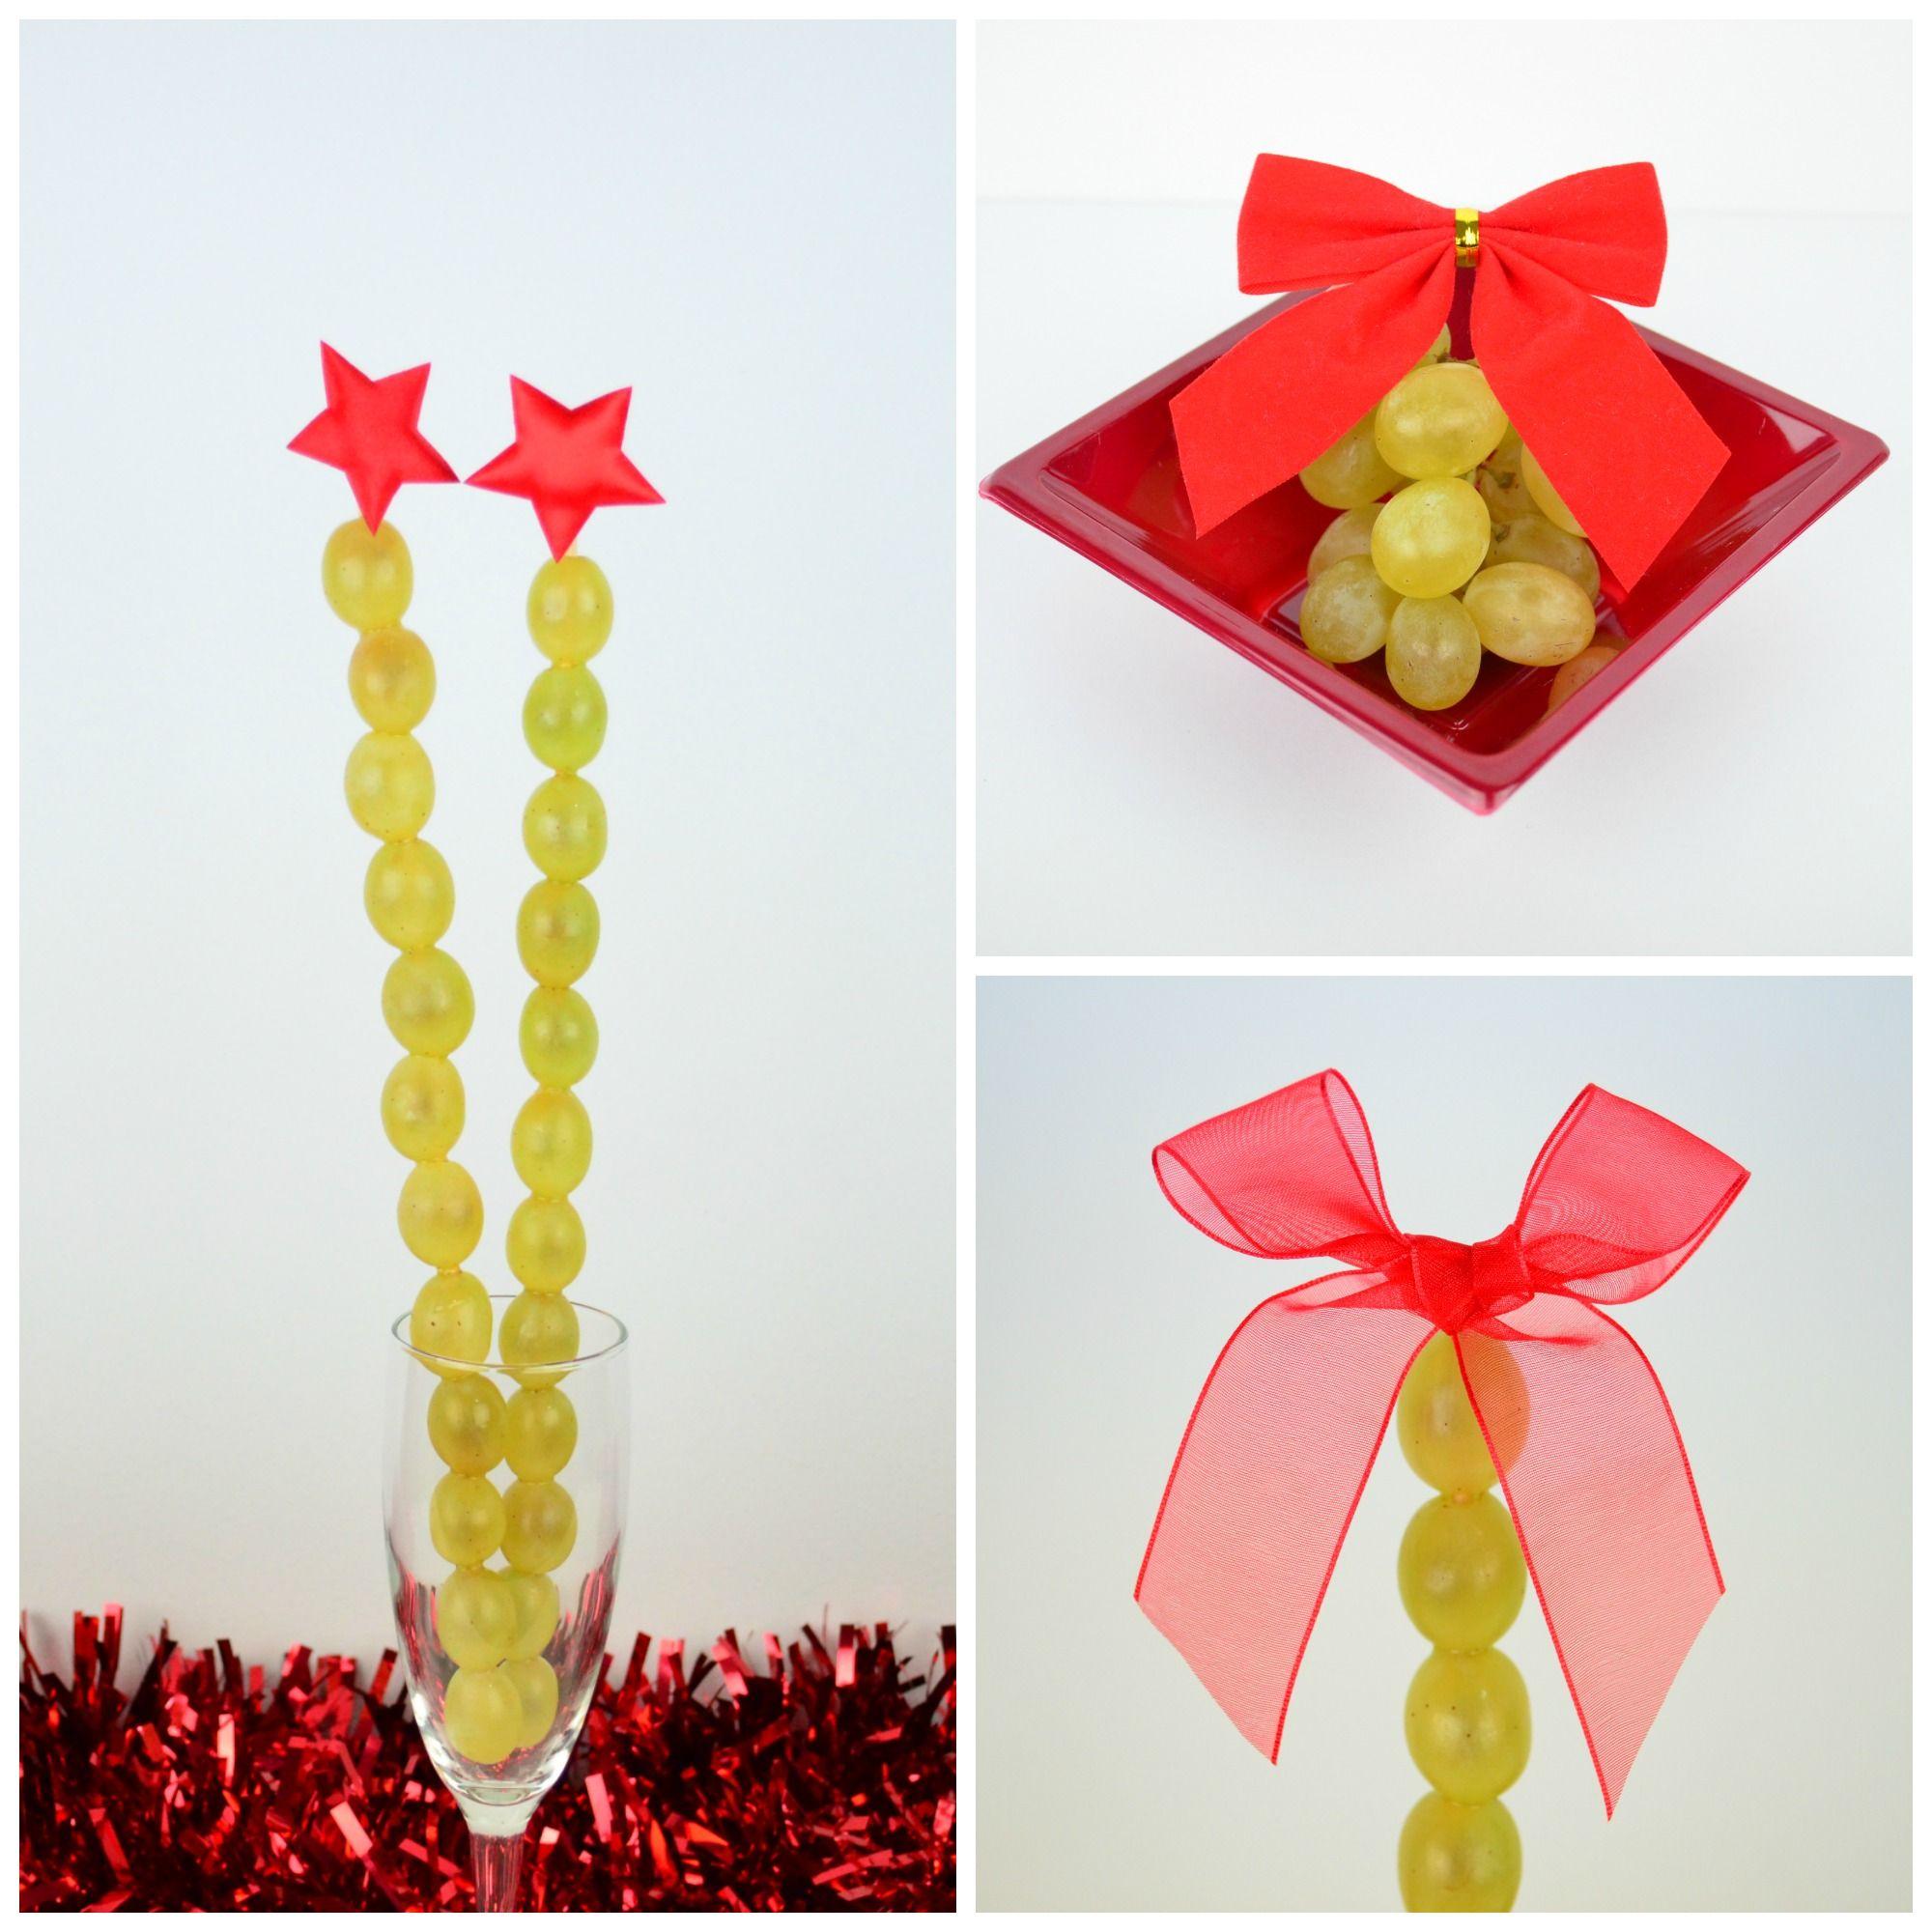 Cómo presentar las uvas en Nochevieja #uvas #nochevieja #postre ...